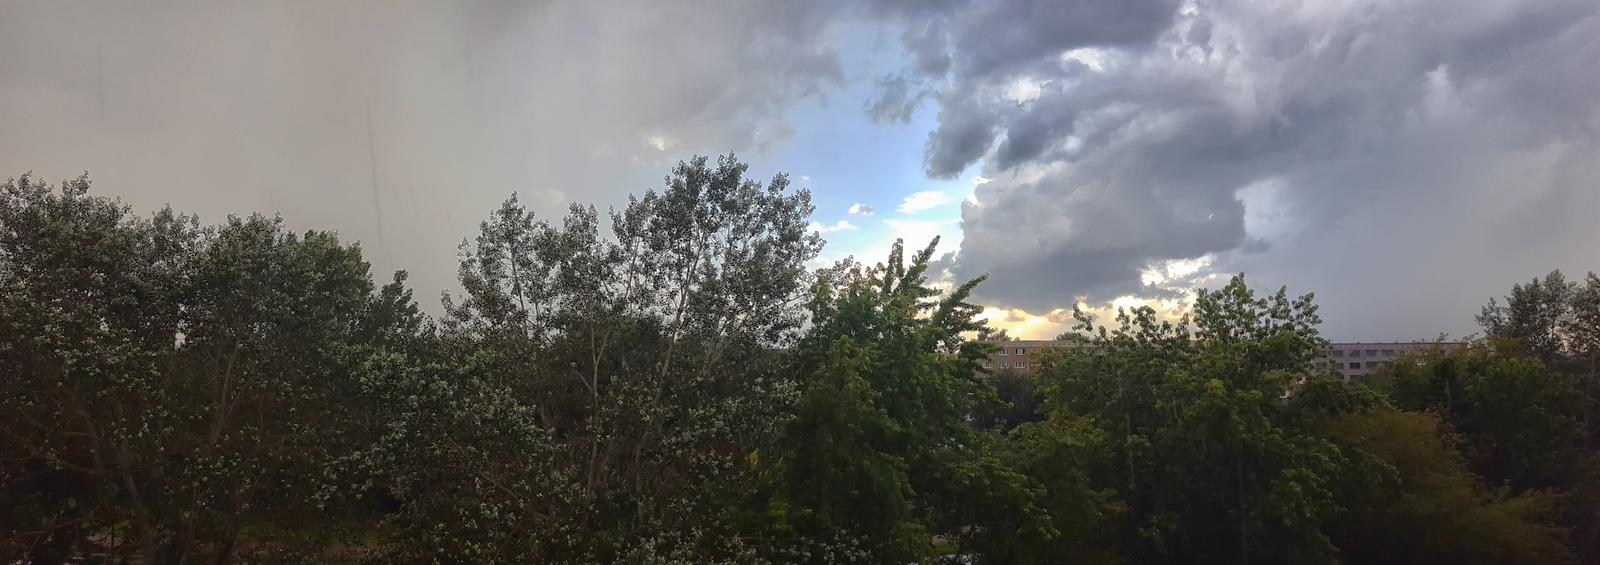 am Abend ein kurzes Gewitter